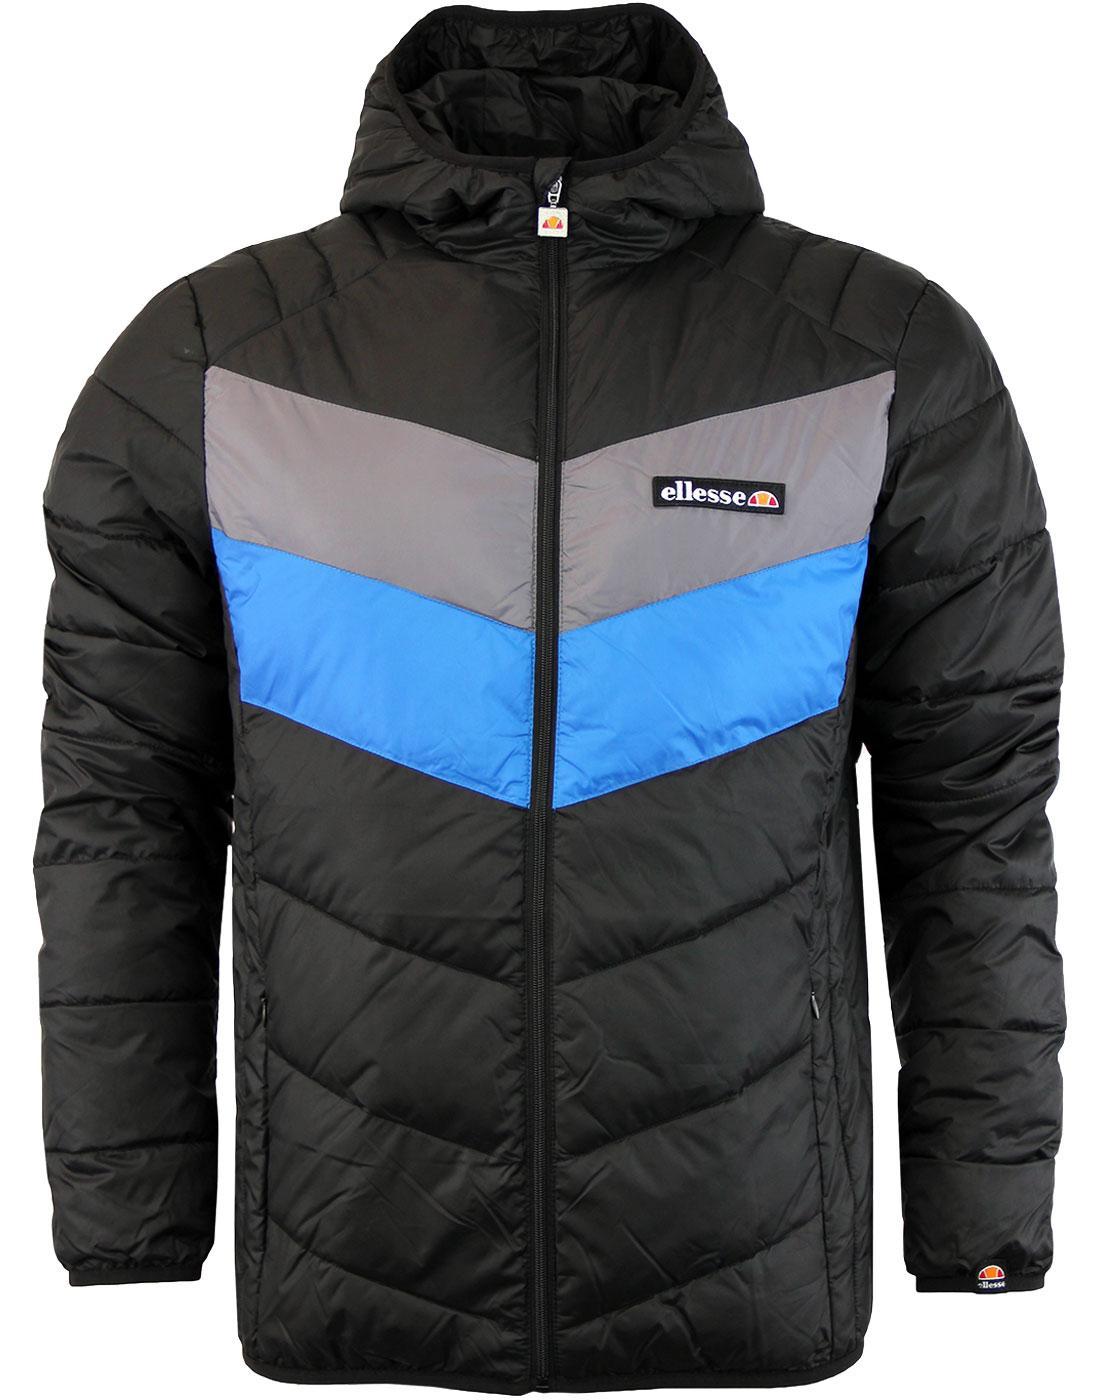 Ginap ELLESSE Retro Chevron Stripe Ski Jacket A